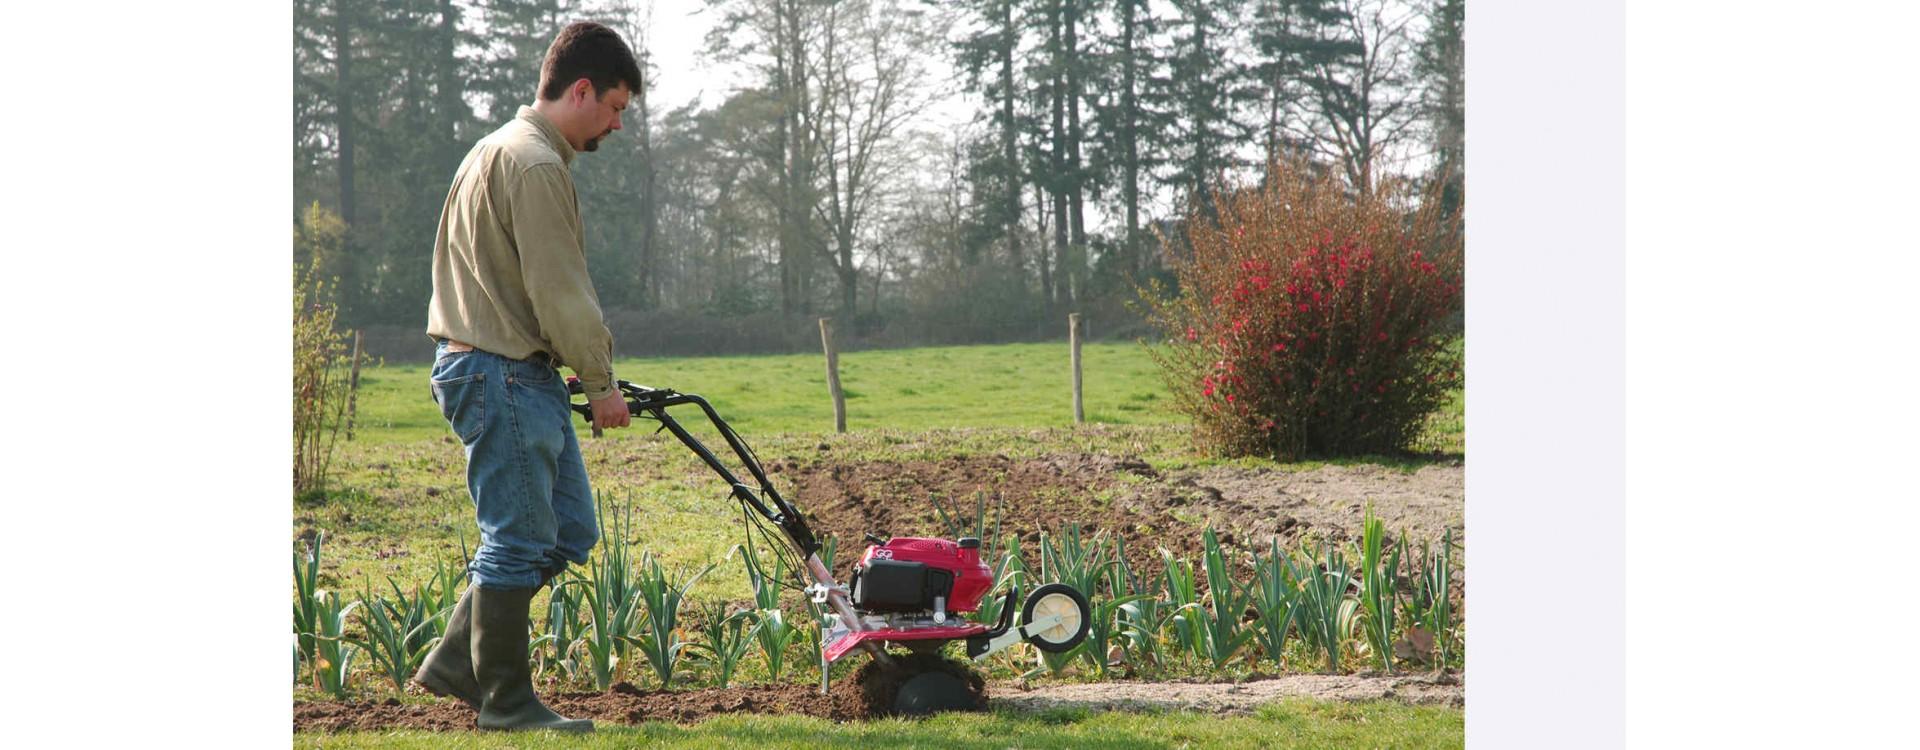 Préparer votre sol pour la semence en toute facilité grâce à un motoculteur professionnel